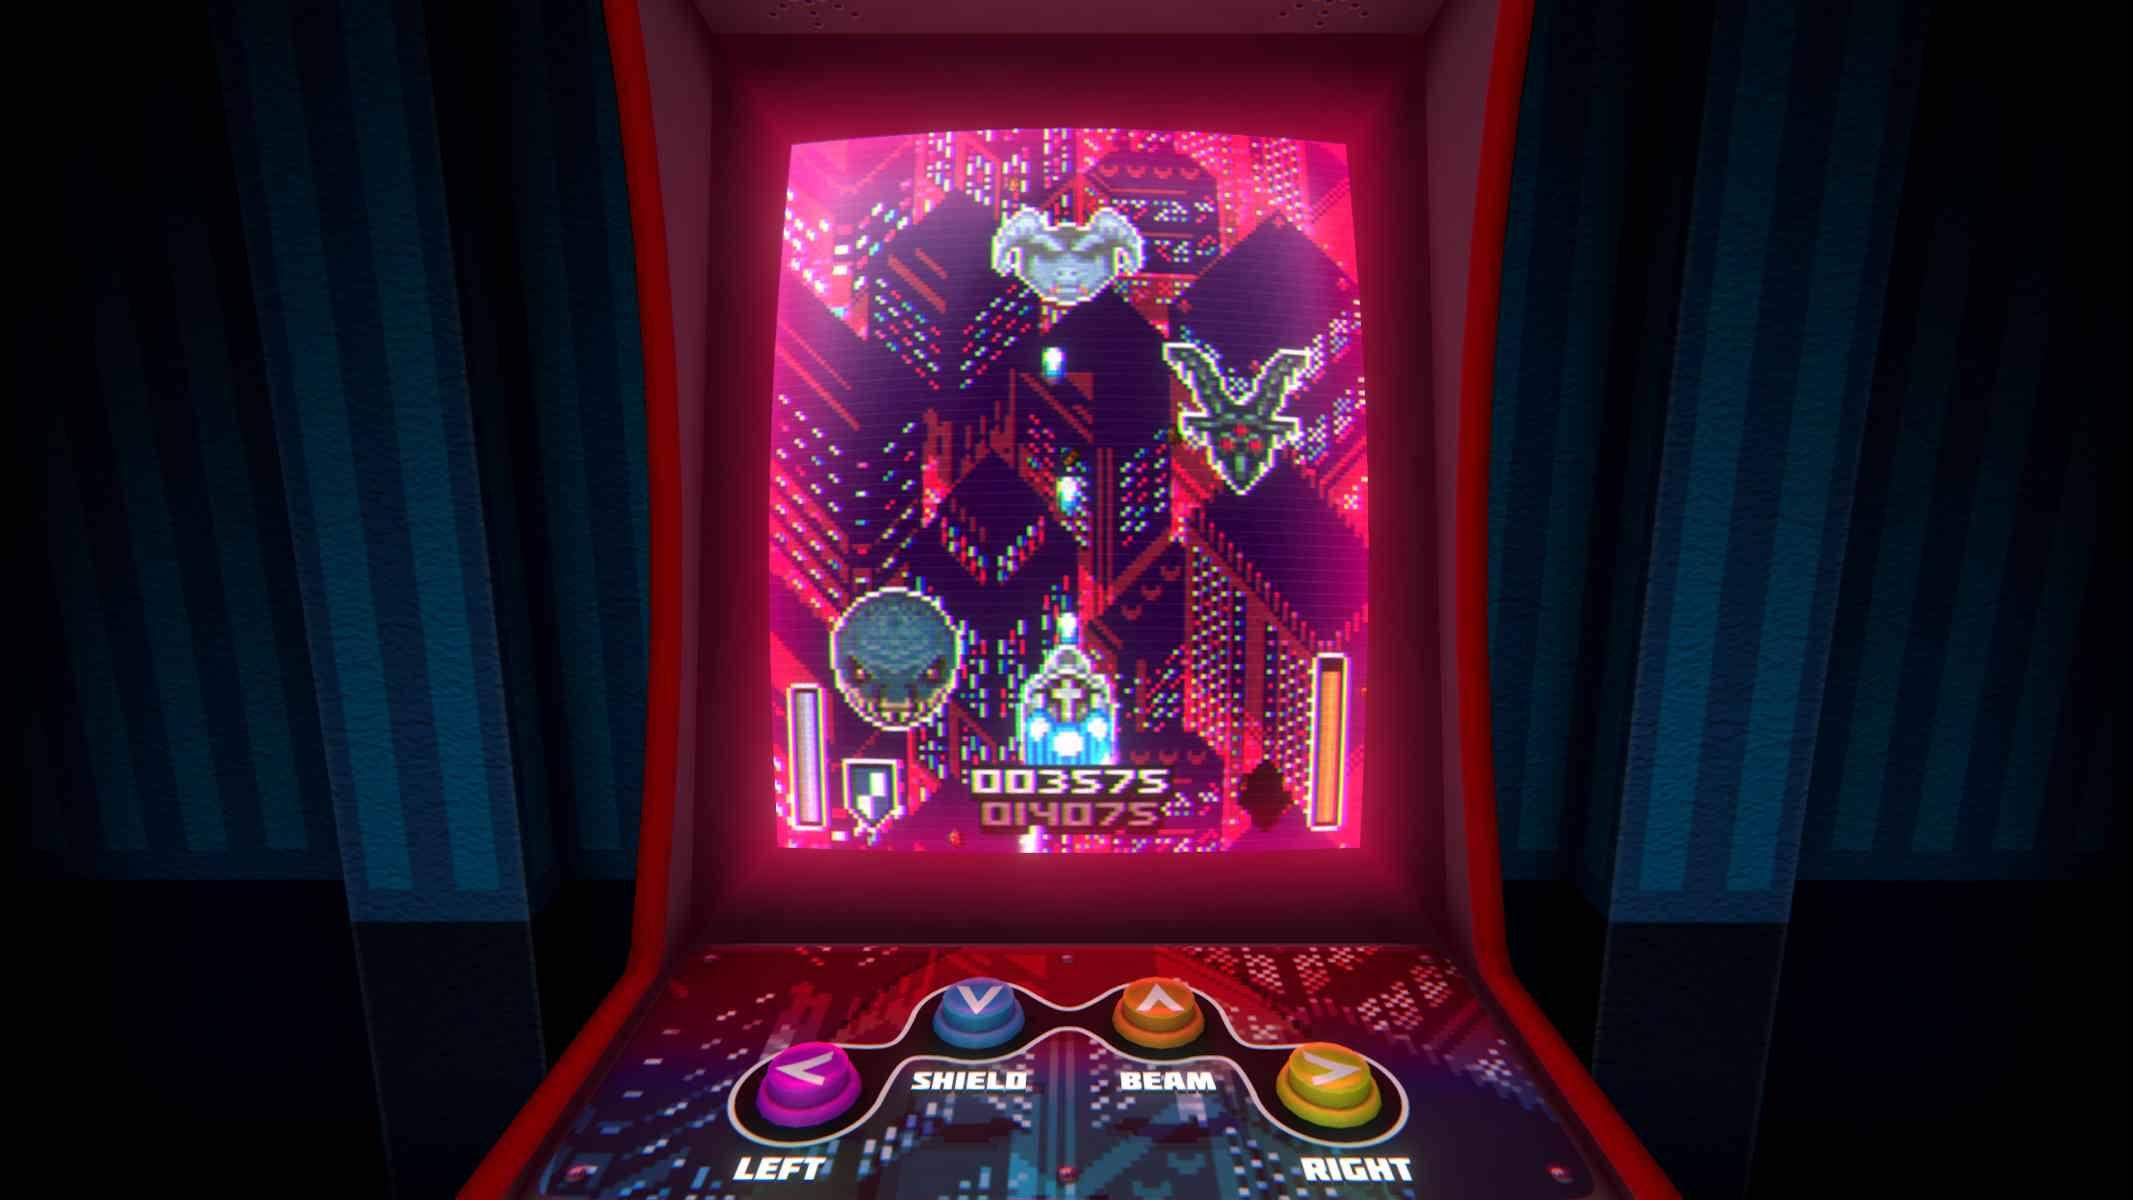 دانلود GodSpeed Arcade Cabinet 2.1.0 – بازی سرگرم کننده اندروید